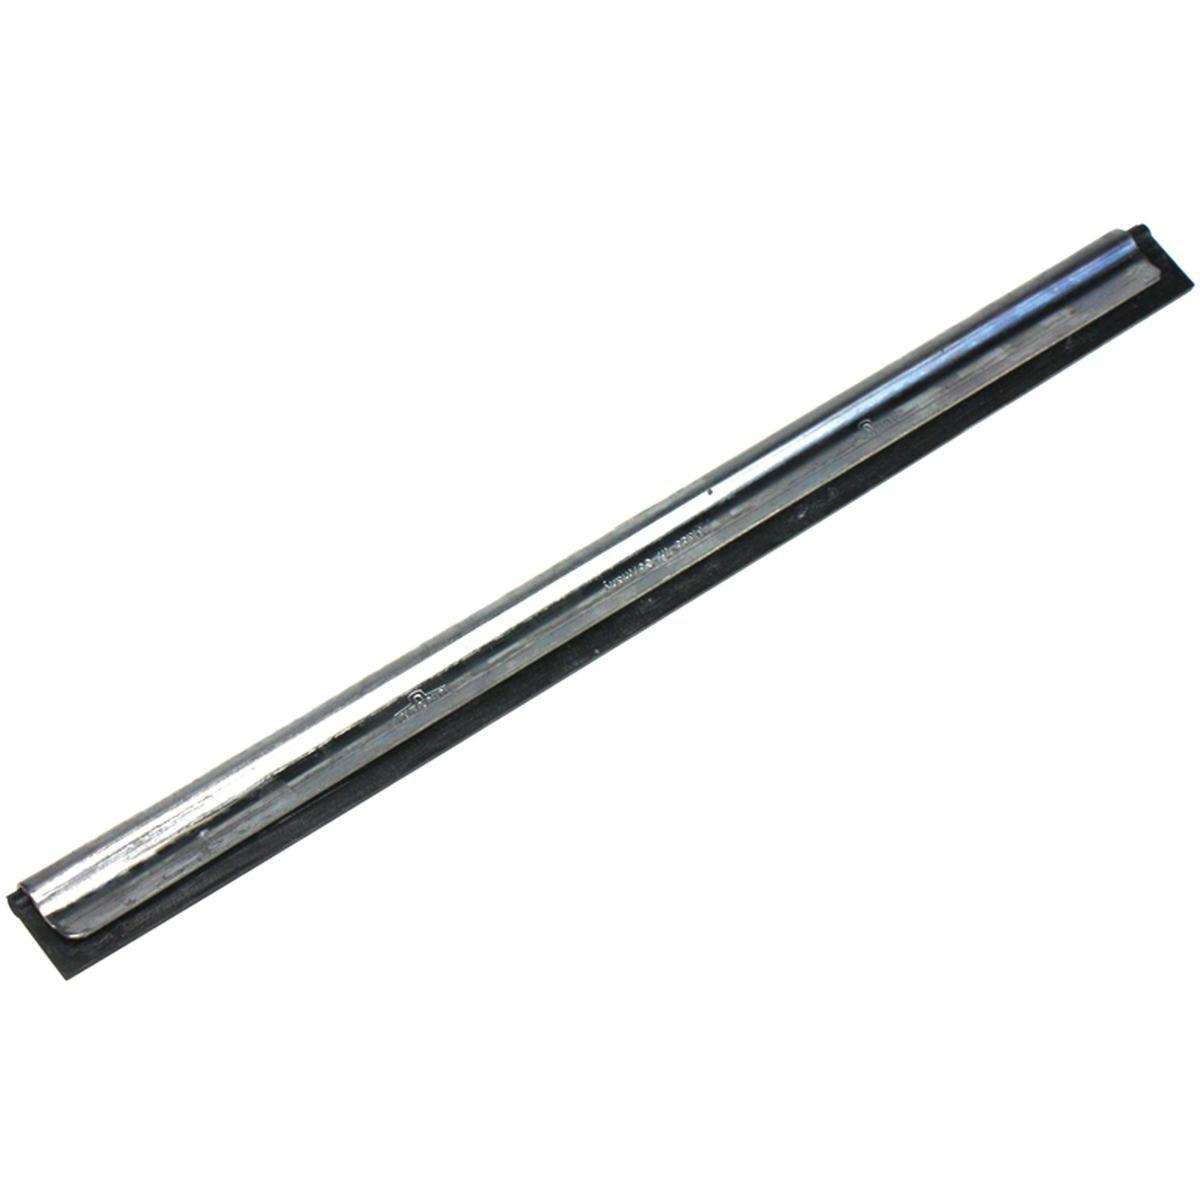 Skraber S-channel 30 cm.